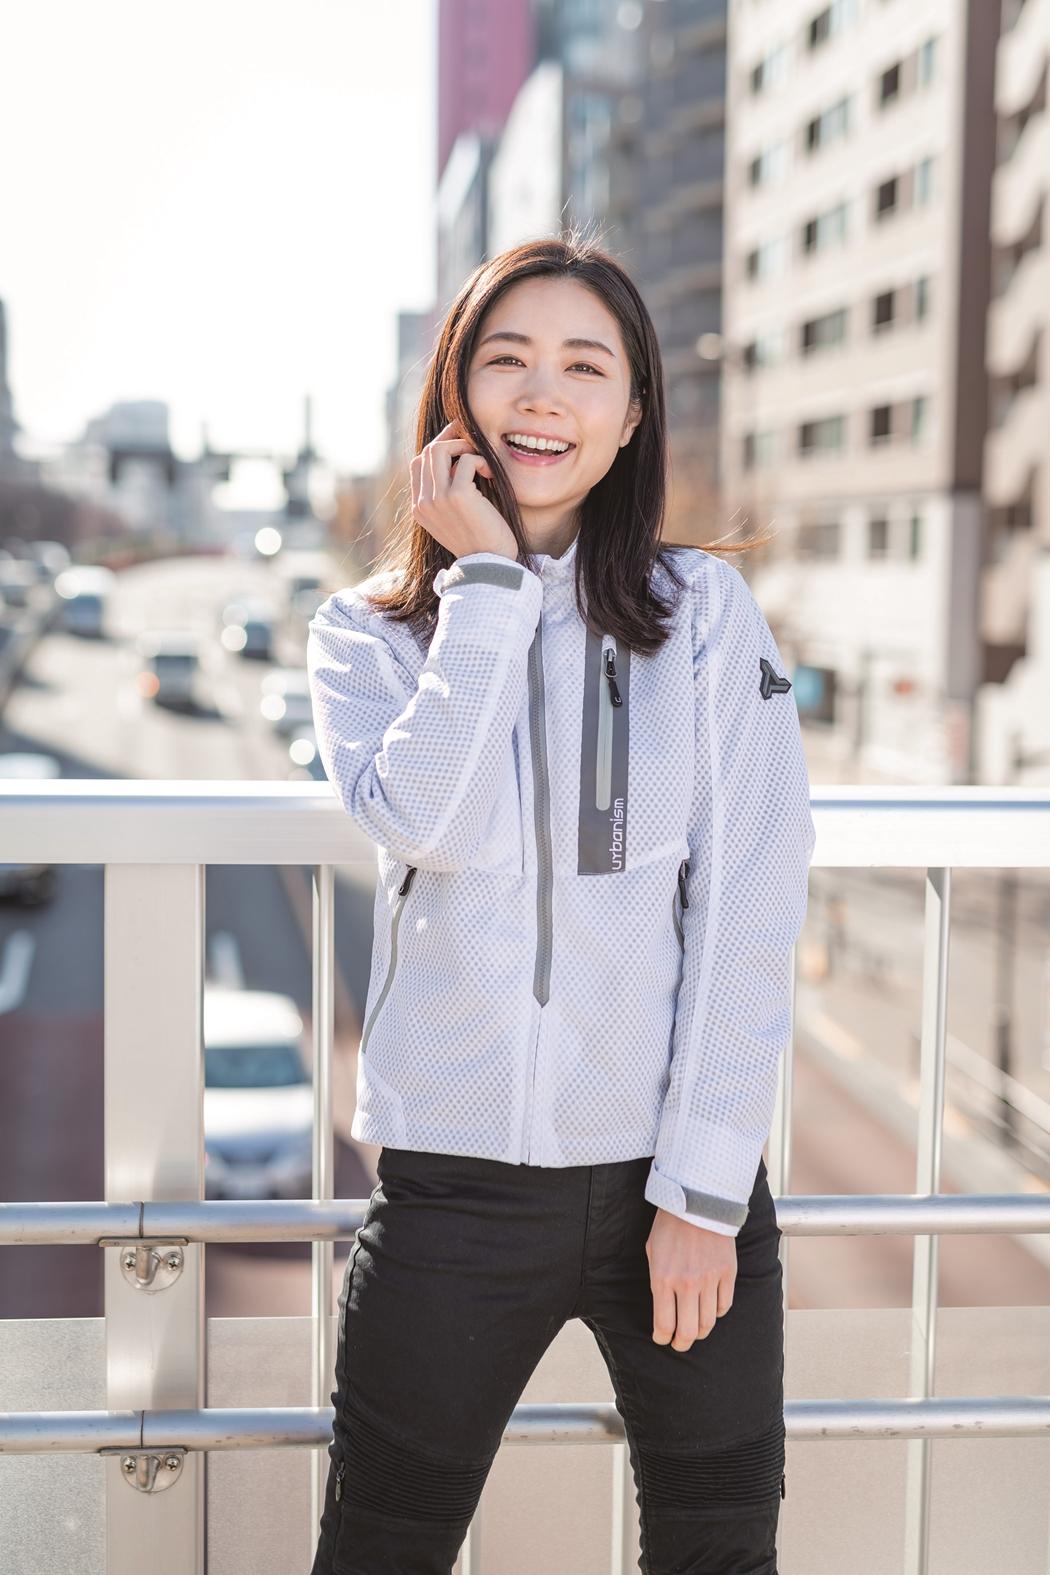 ライドメッシュジャケット [FOR WOMEN]【2020 春夏】 urbanism UNJ-078W (レディース)